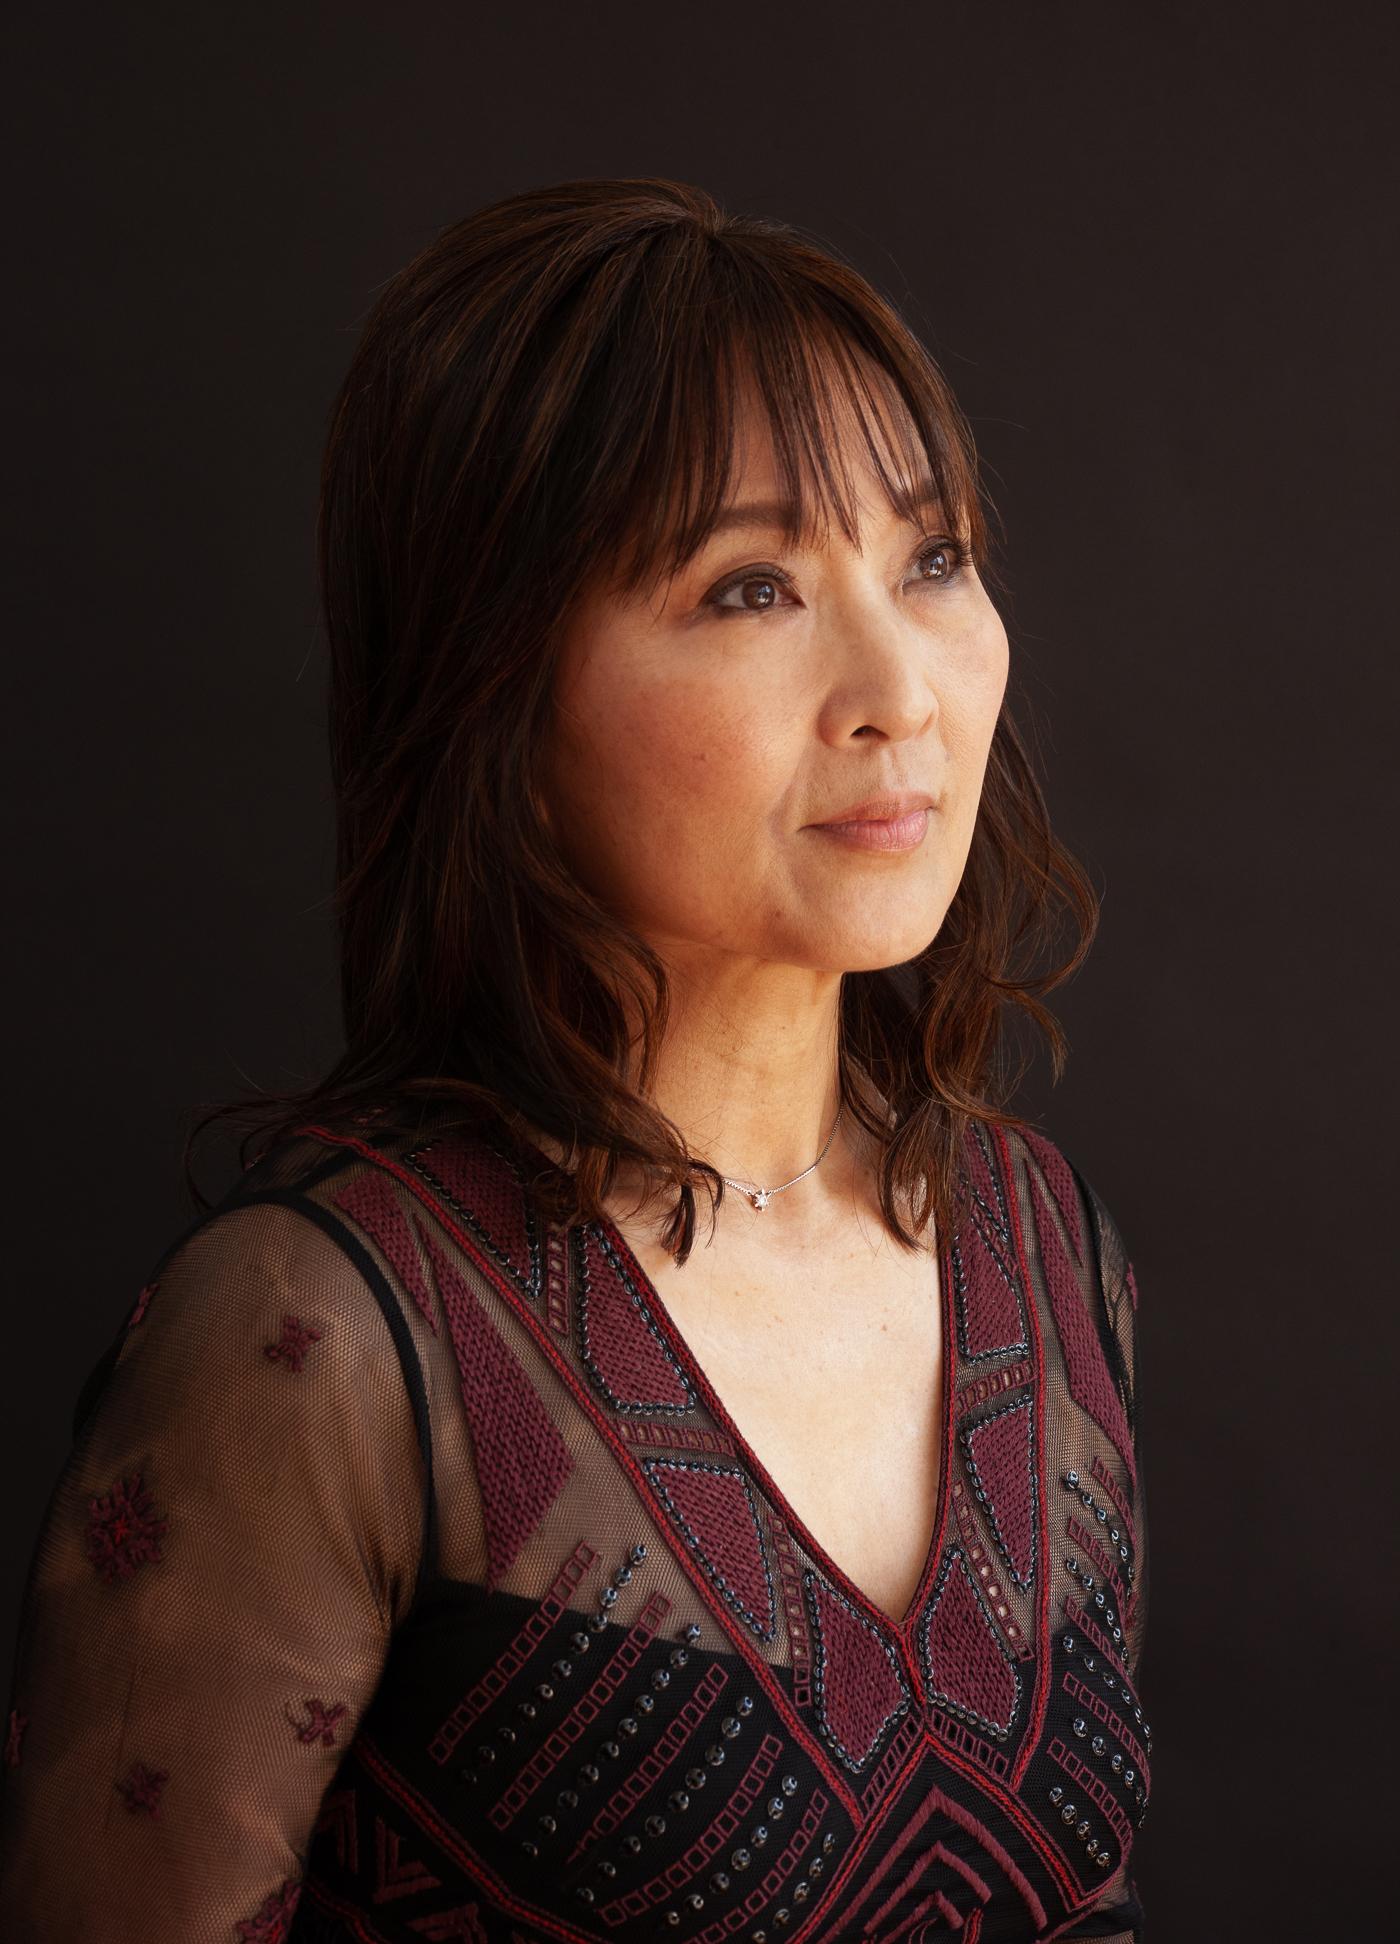 Reiko Fujisawa 032 (credit Lucinda Douglas Menzies)